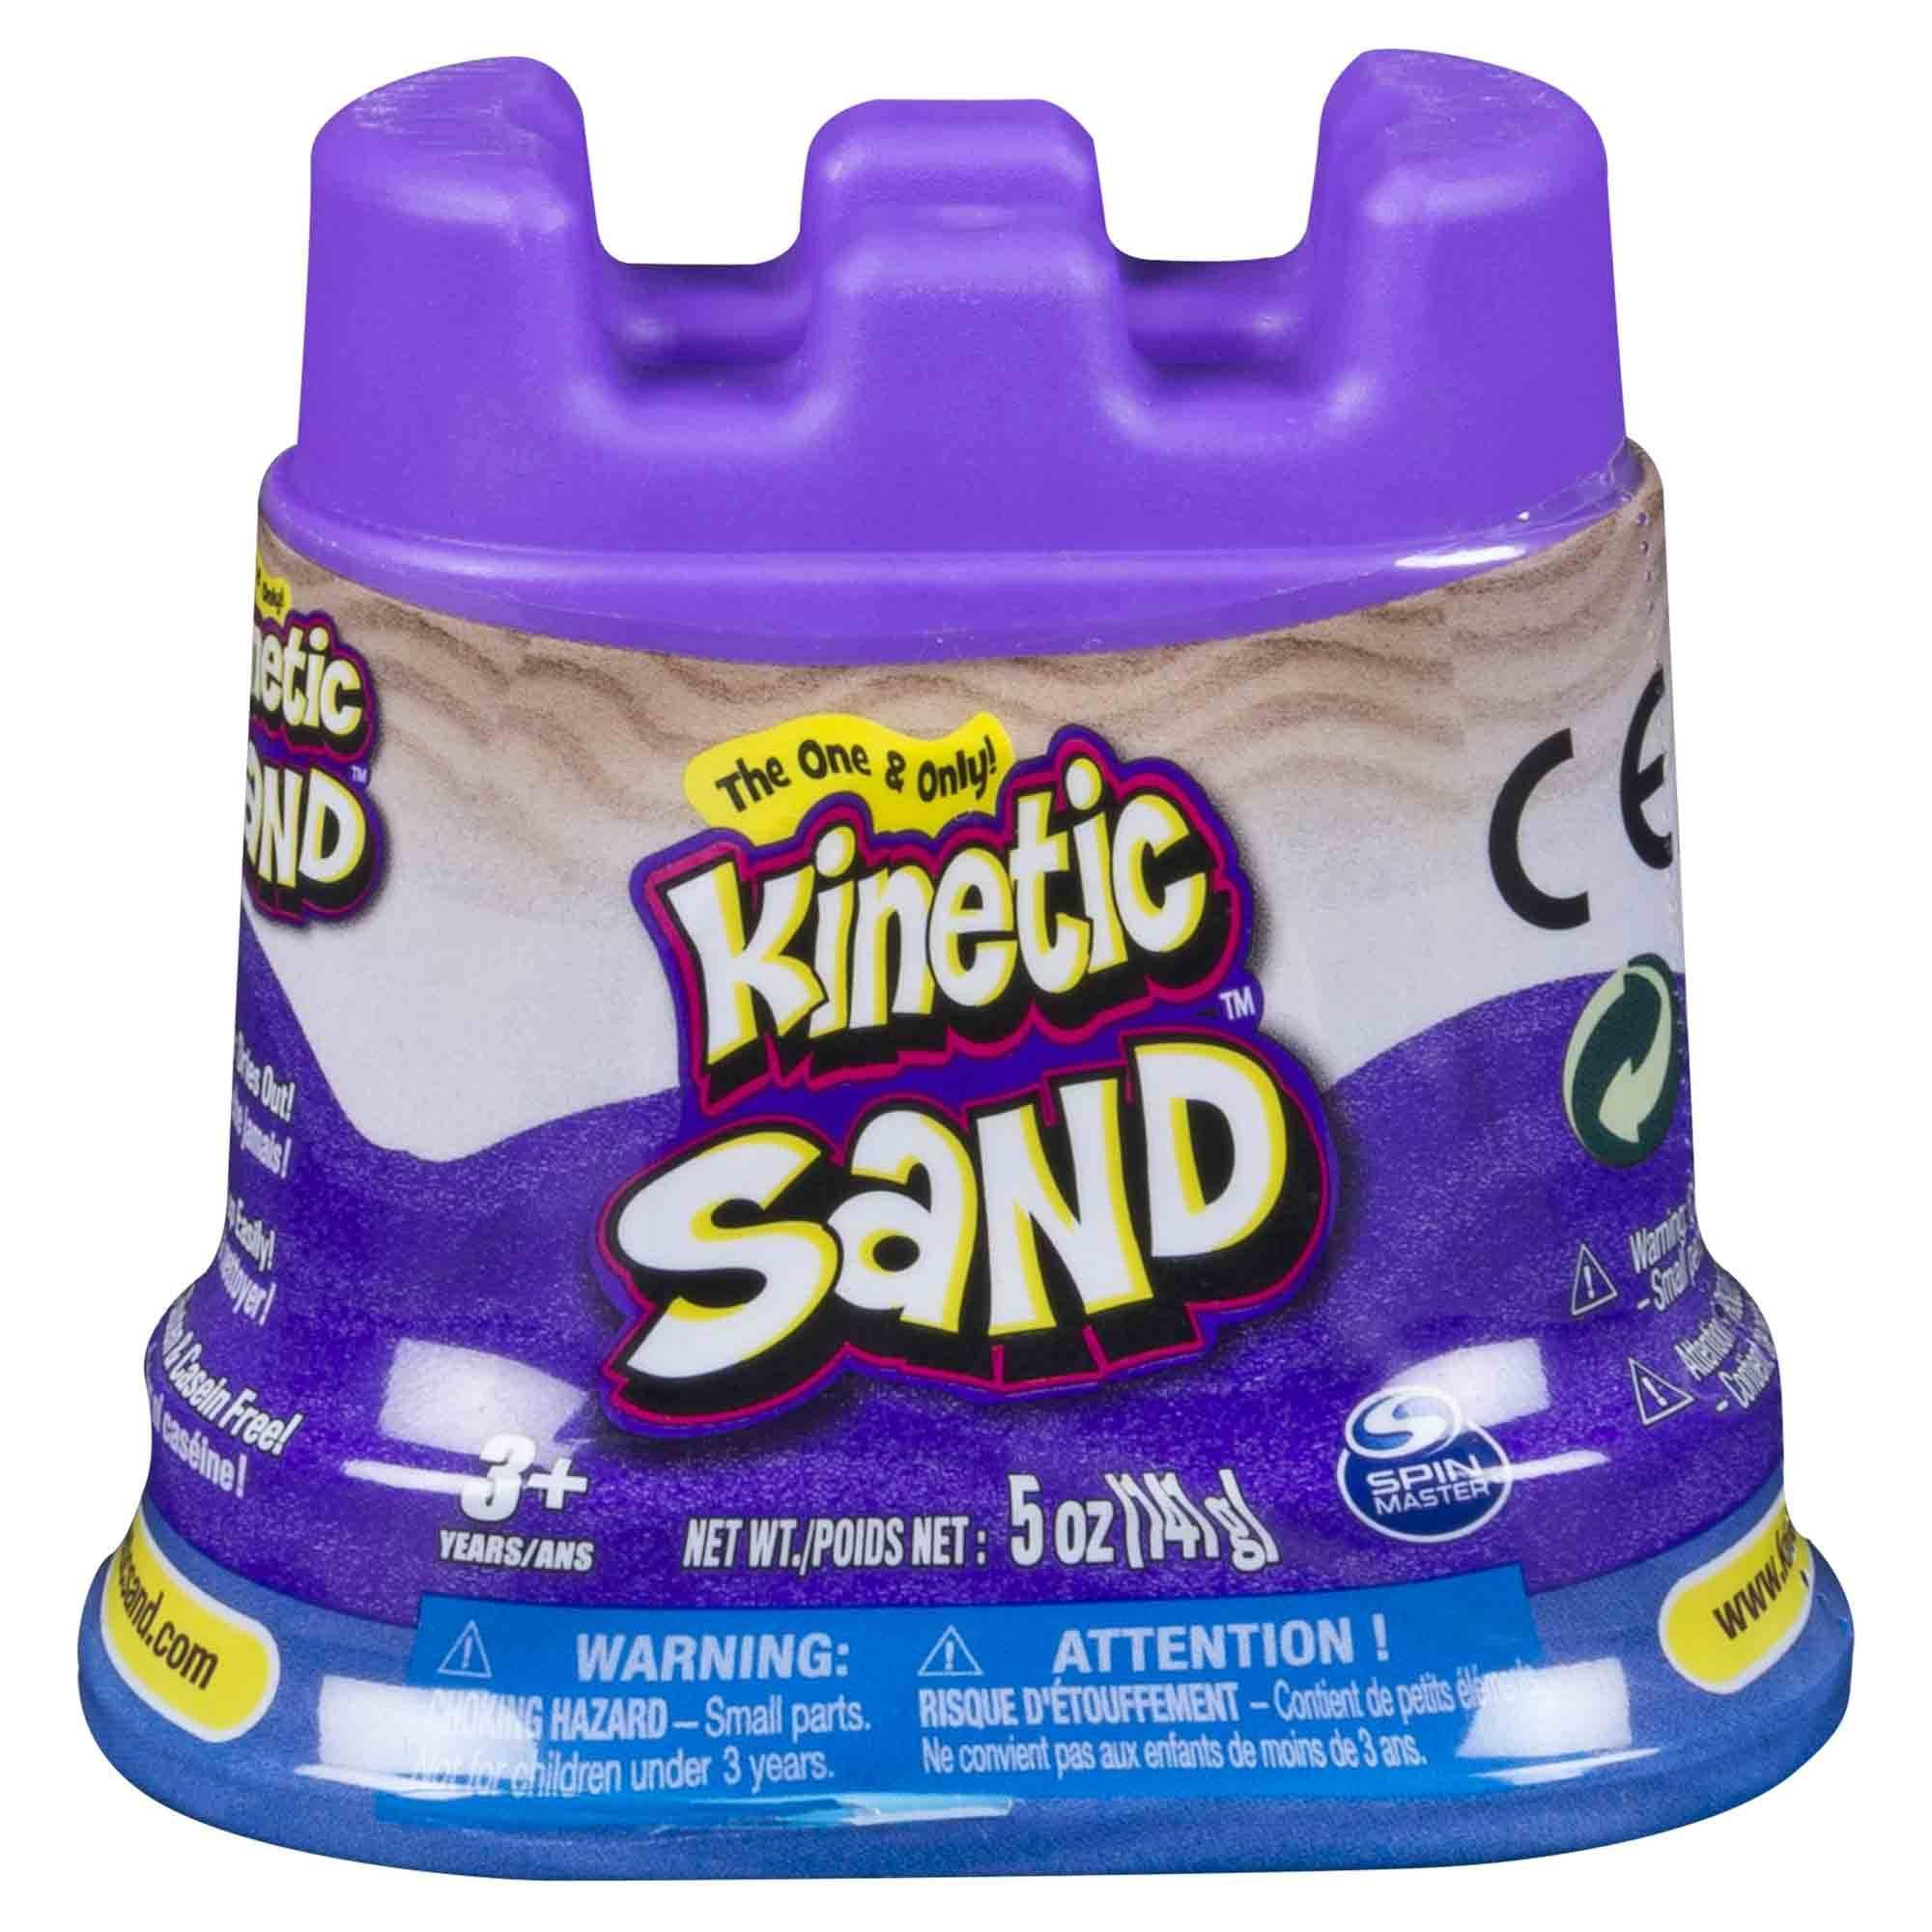 Damaged Box Kinetic Sand Green Sandcastle Set